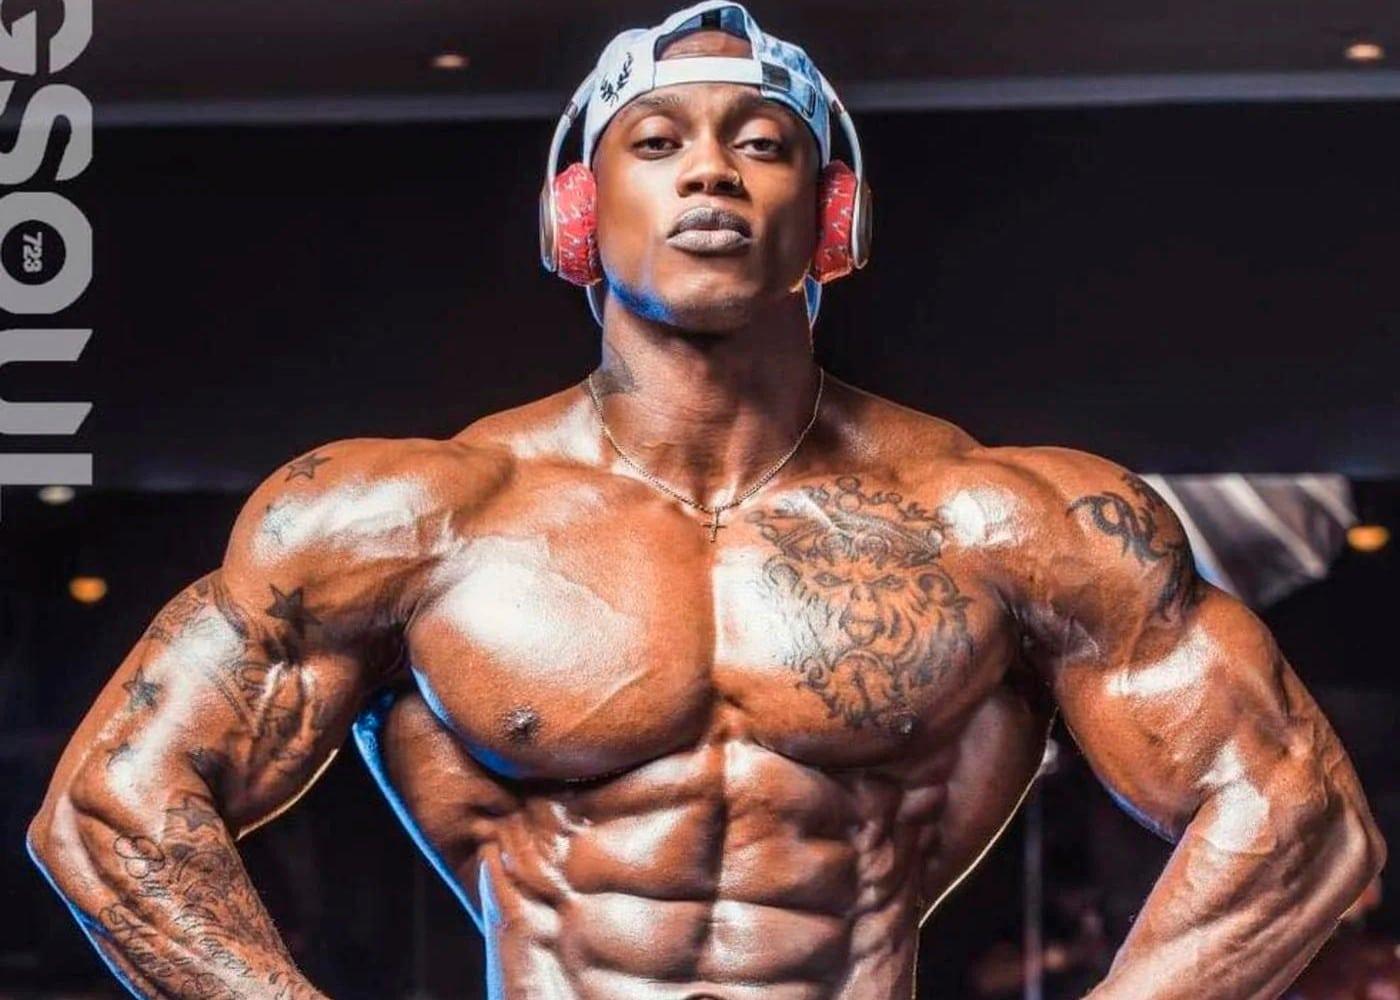 brandon hendrickson men's physique